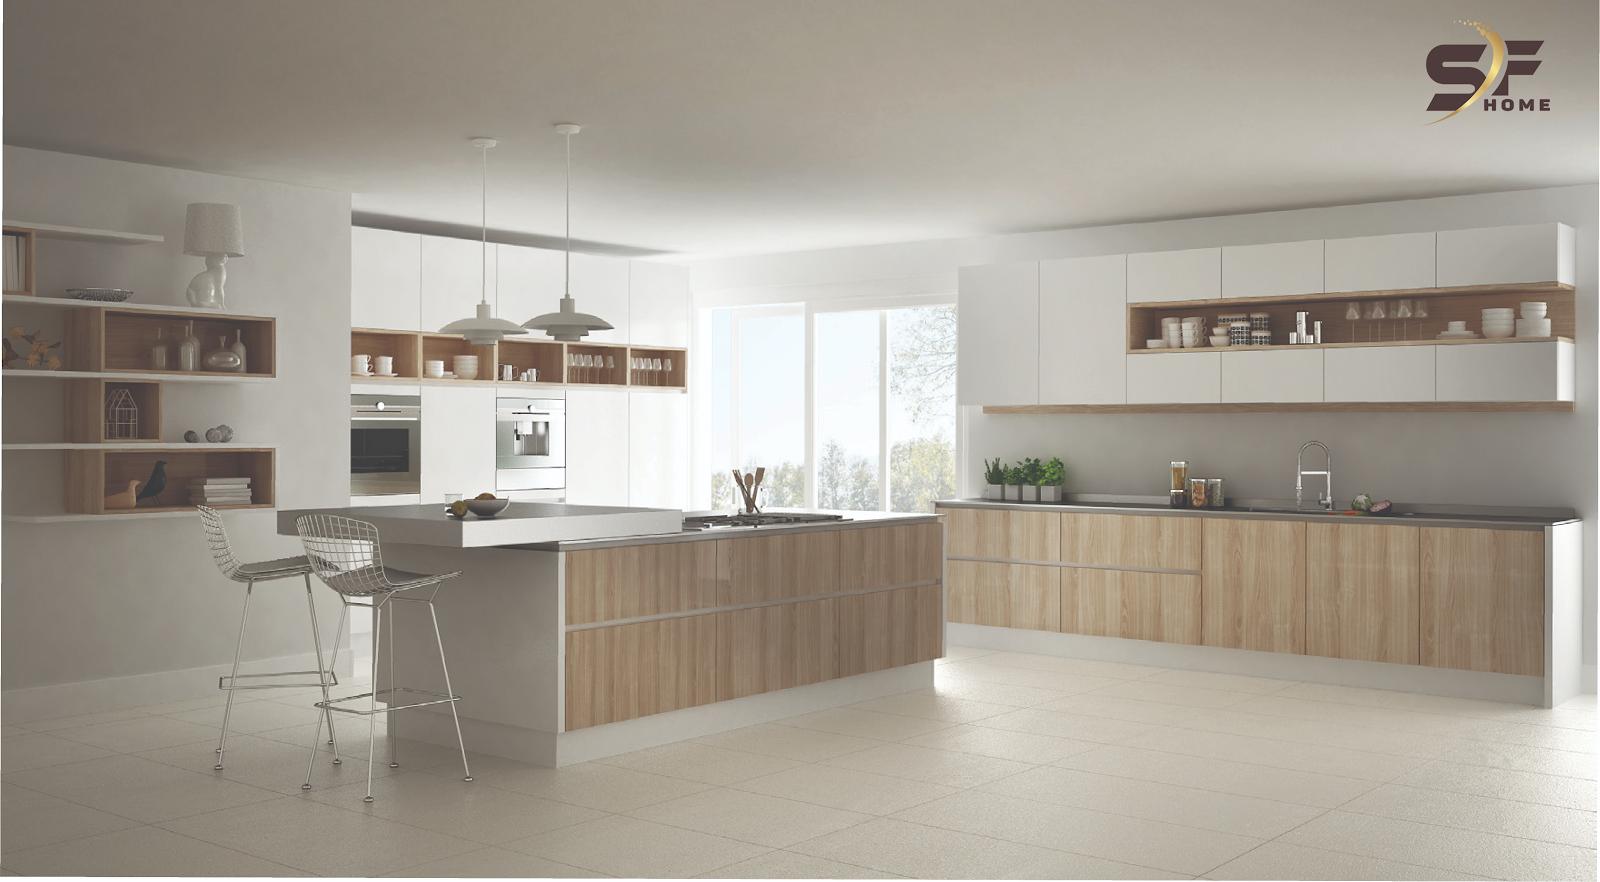 Giới thiệu kiểu cách mới tủ bếp đẹp hiện đại dòng 1